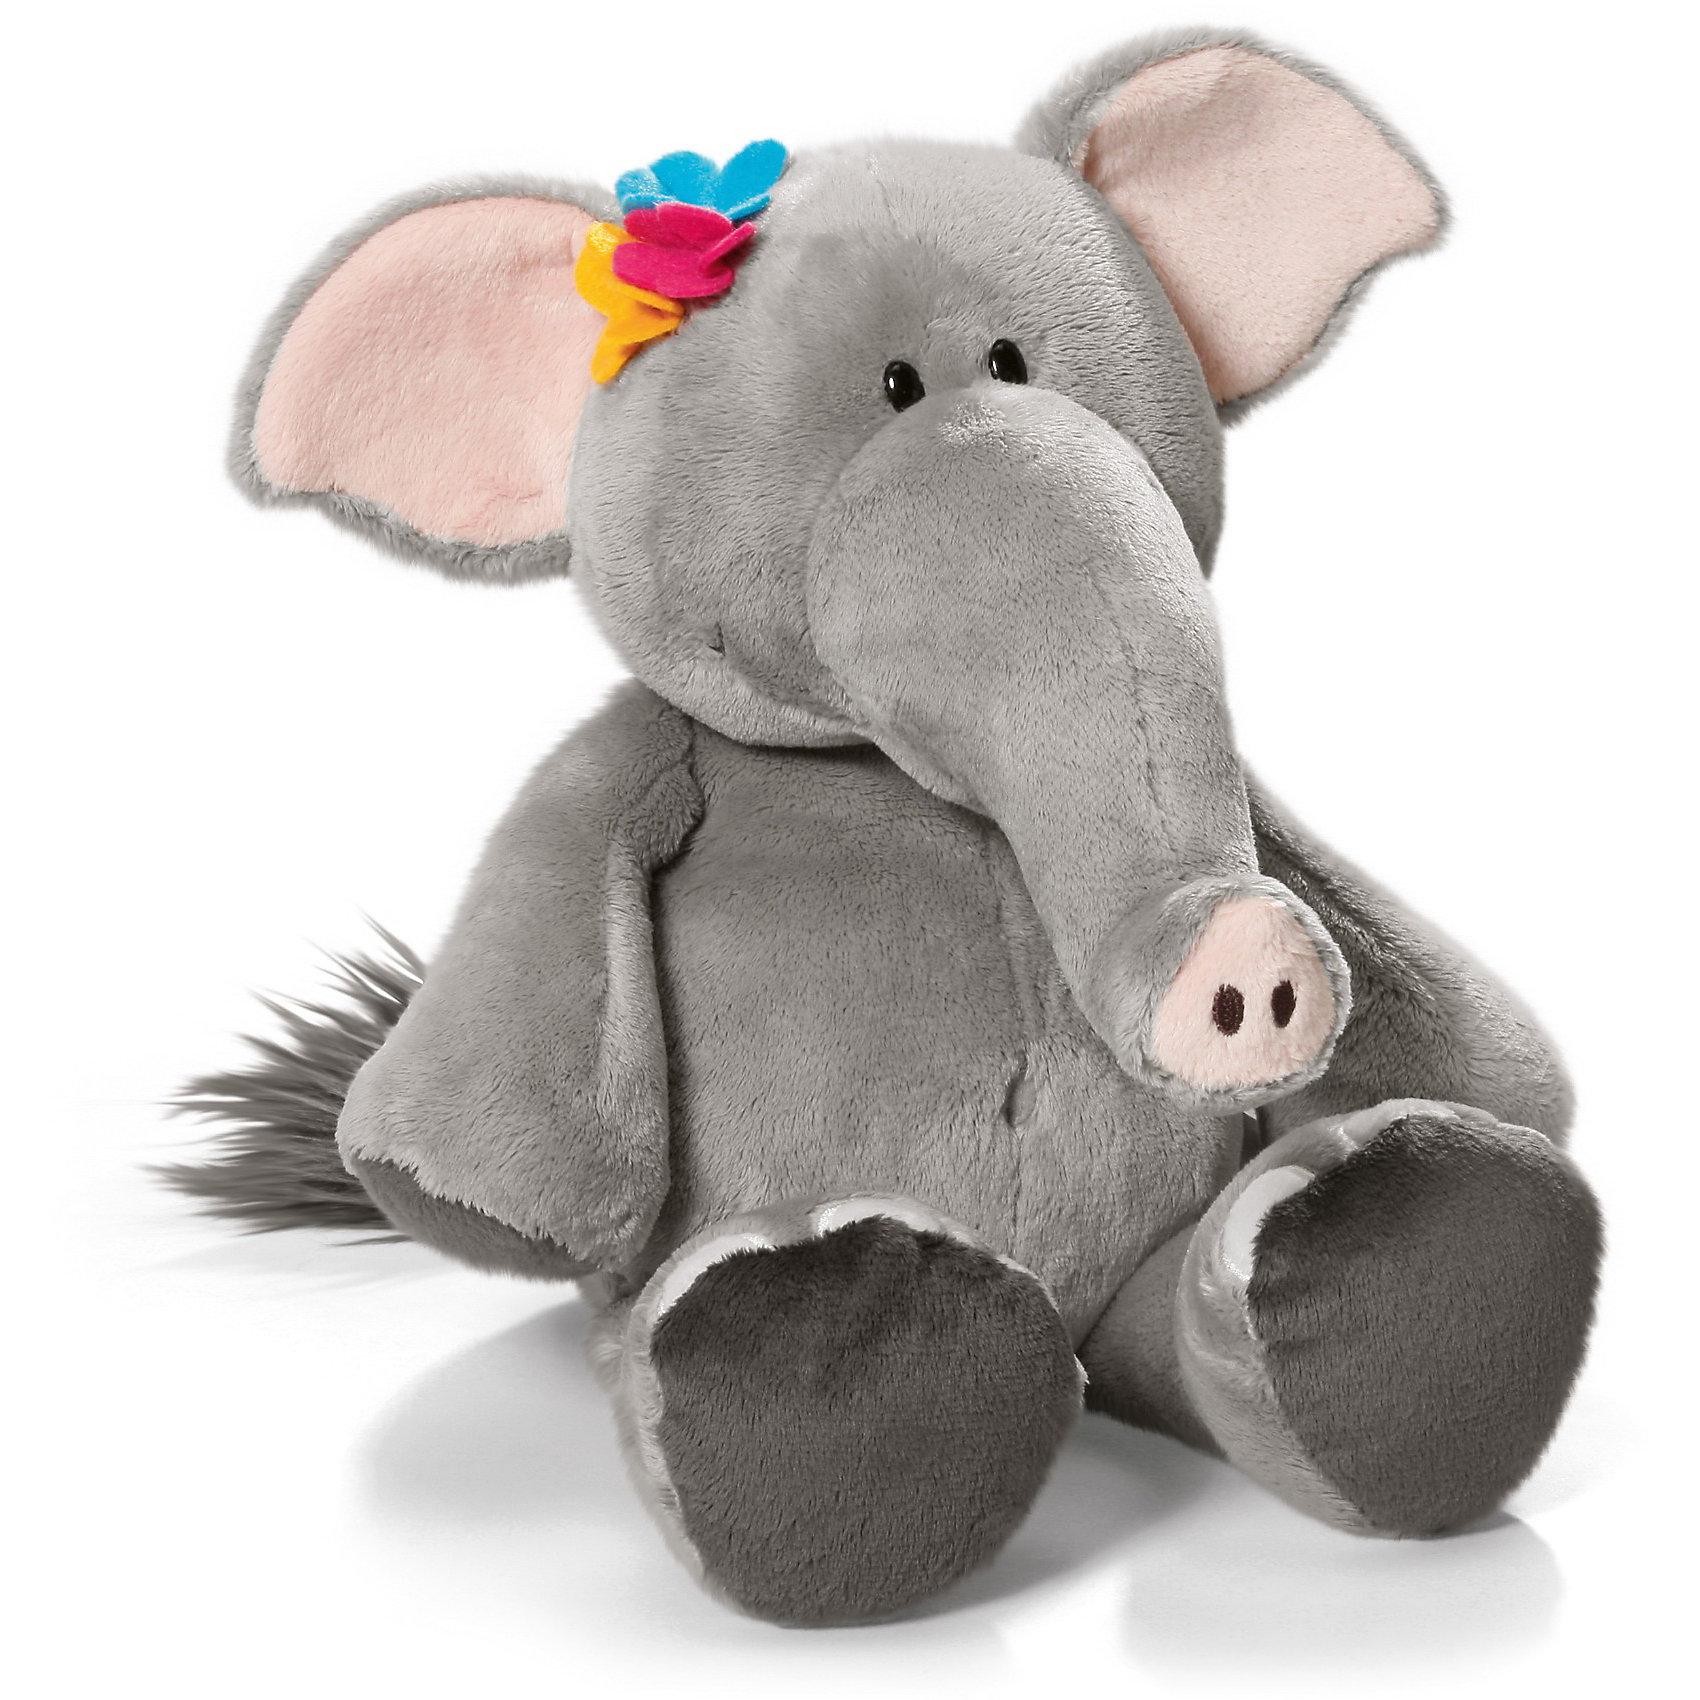 Слониха, 25 см,  NICIПлюшевая зверушка Слониха, 25 см от NICI станет прекрасным подарком для Вашего малыша.<br>Мягкая игрушка Слониха, сидячая – это очаровательная плюшевая игрушка от немецкого производителя Nici. Симпатичная слониха станет лучшим другом Вашего малыша на долгие годы. Игрушка сделана из мягкого приятного на ощупь материала, и ребенку очень понравится гладить его и прижимать к себе. Глазки у слонихи пластиковые. Основной цвет игрушки - серый, внутренняя часть ушек слонихи - розовая, на голове - маленькие разноцветные цветочки. Игрушку можно посадить на ровную поверхность.<br>Игрушка изготовлена из экологически чистых материалов: высококачественного плюша с набивкой из гипоаллергенного синтепона. Не деформируется и не теряет внешний вид при стирке.<br><br>Дополнительная информация:<br><br>- Высота игрушки: 25 см.<br>- Материал: плюш, синтепон<br><br>Мягкую игрушку Слониха, 25 см можно купить в нашем интернет-магазине.<br><br>Ширина мм: 240<br>Глубина мм: 182<br>Высота мм: 111<br>Вес г: 142<br>Возраст от месяцев: 24<br>Возраст до месяцев: 2147483647<br>Пол: Унисекс<br>Возраст: Детский<br>SKU: 3674984